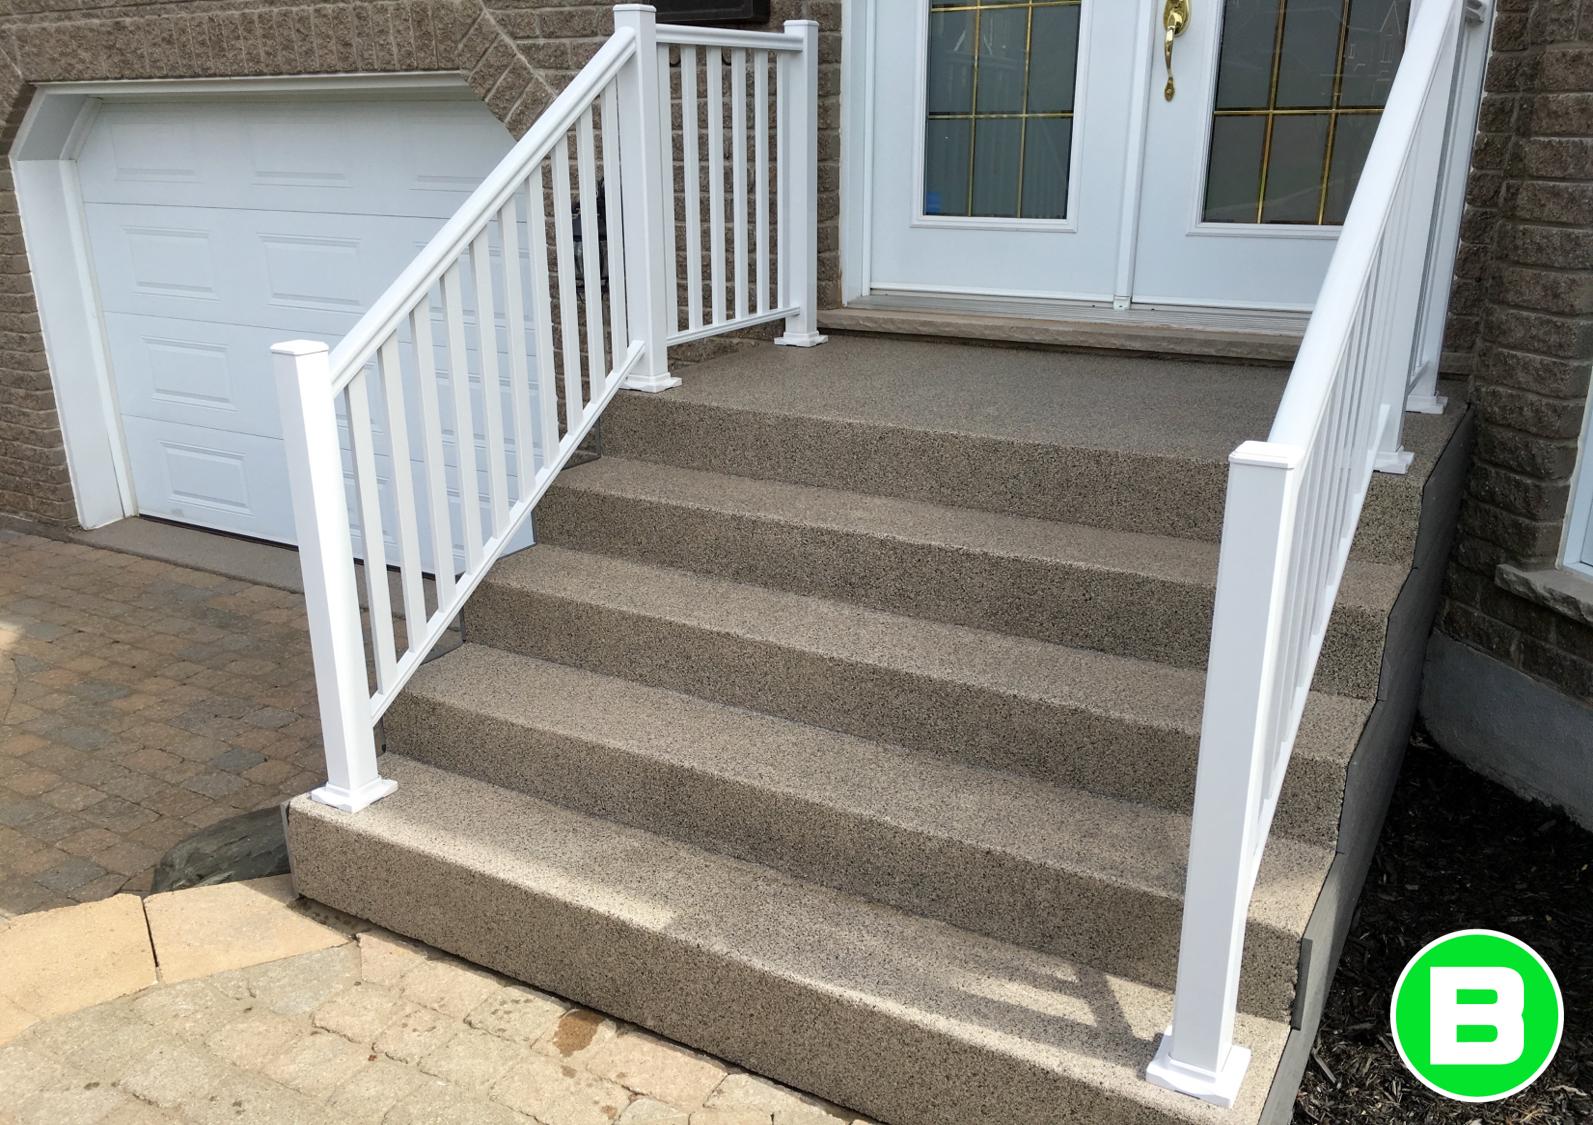 Marche Exterieur Revetementexterieur Plan Stairs Home Decor Home